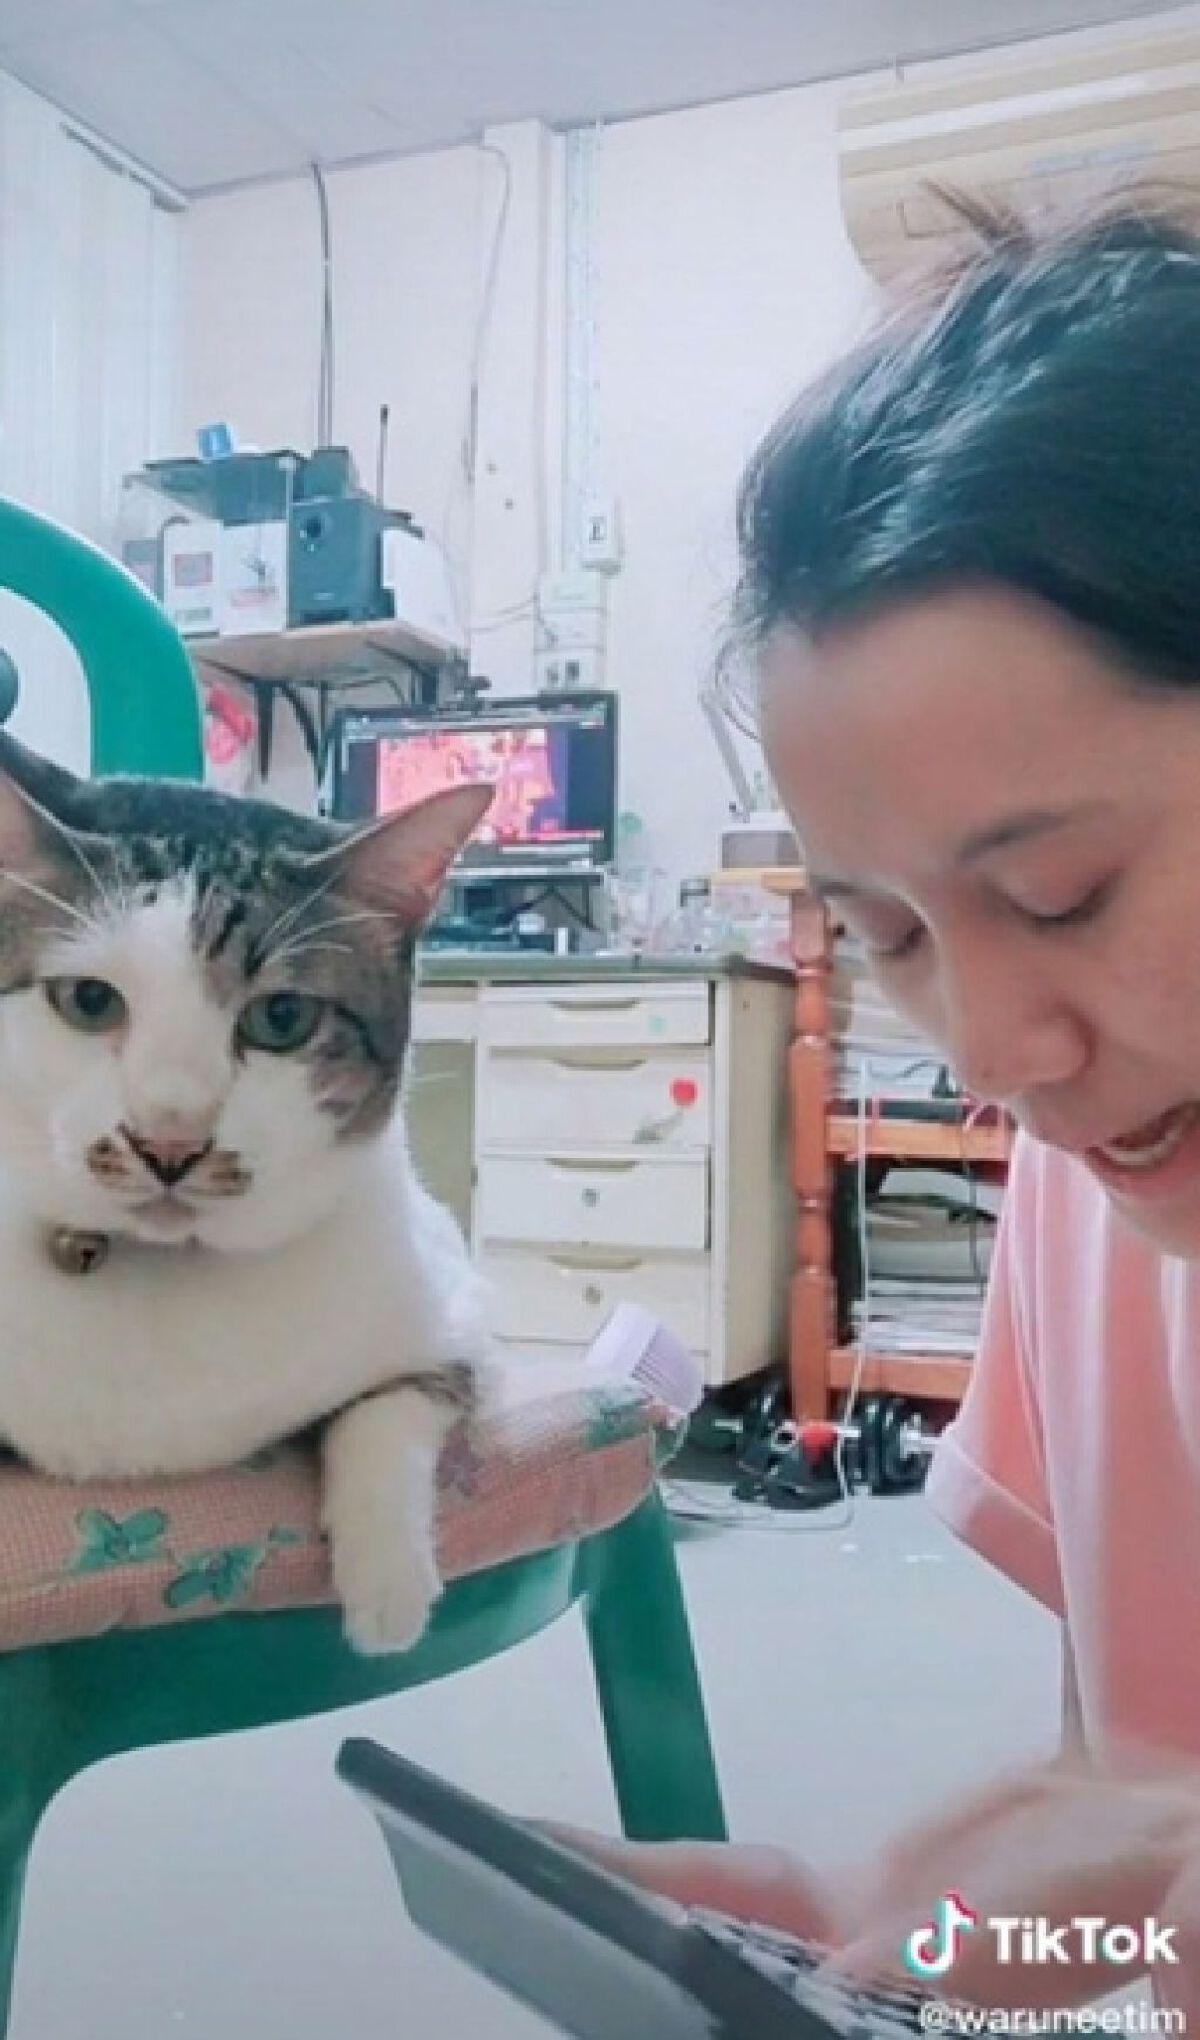 สาวทวงเงินแมว 8 แสน